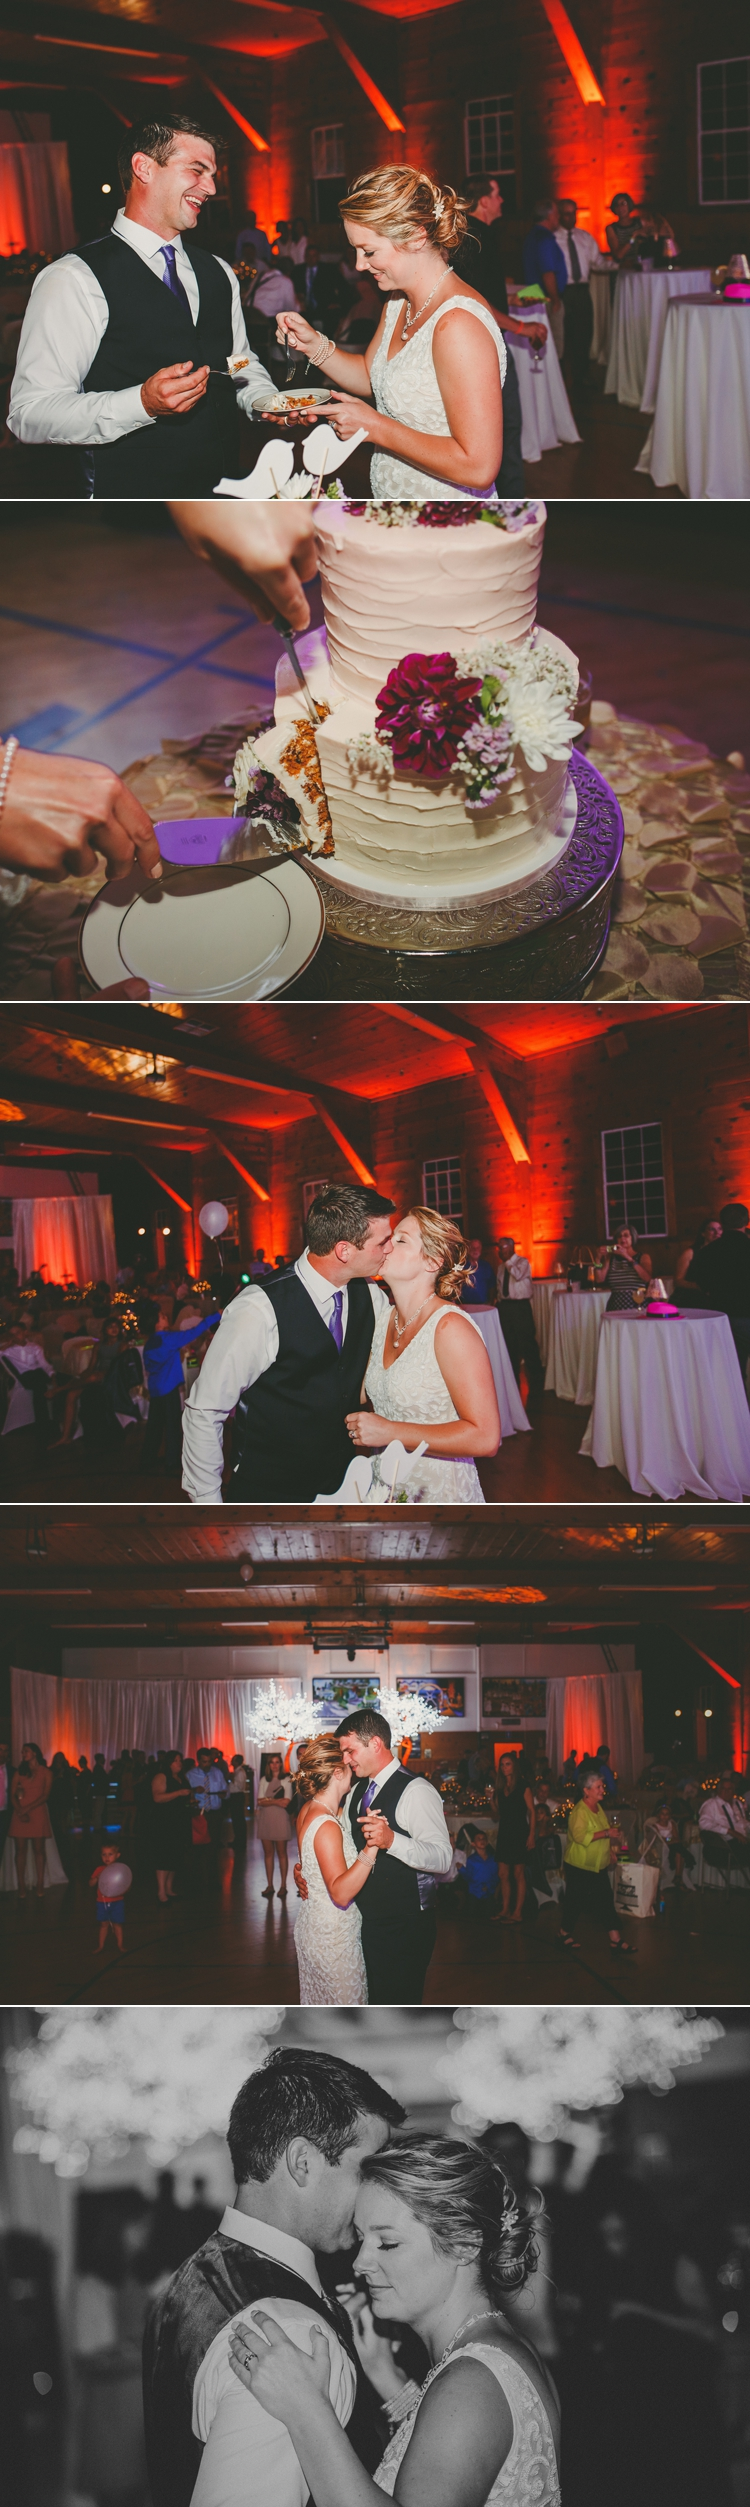 sutter-creek-wedding-photography-18